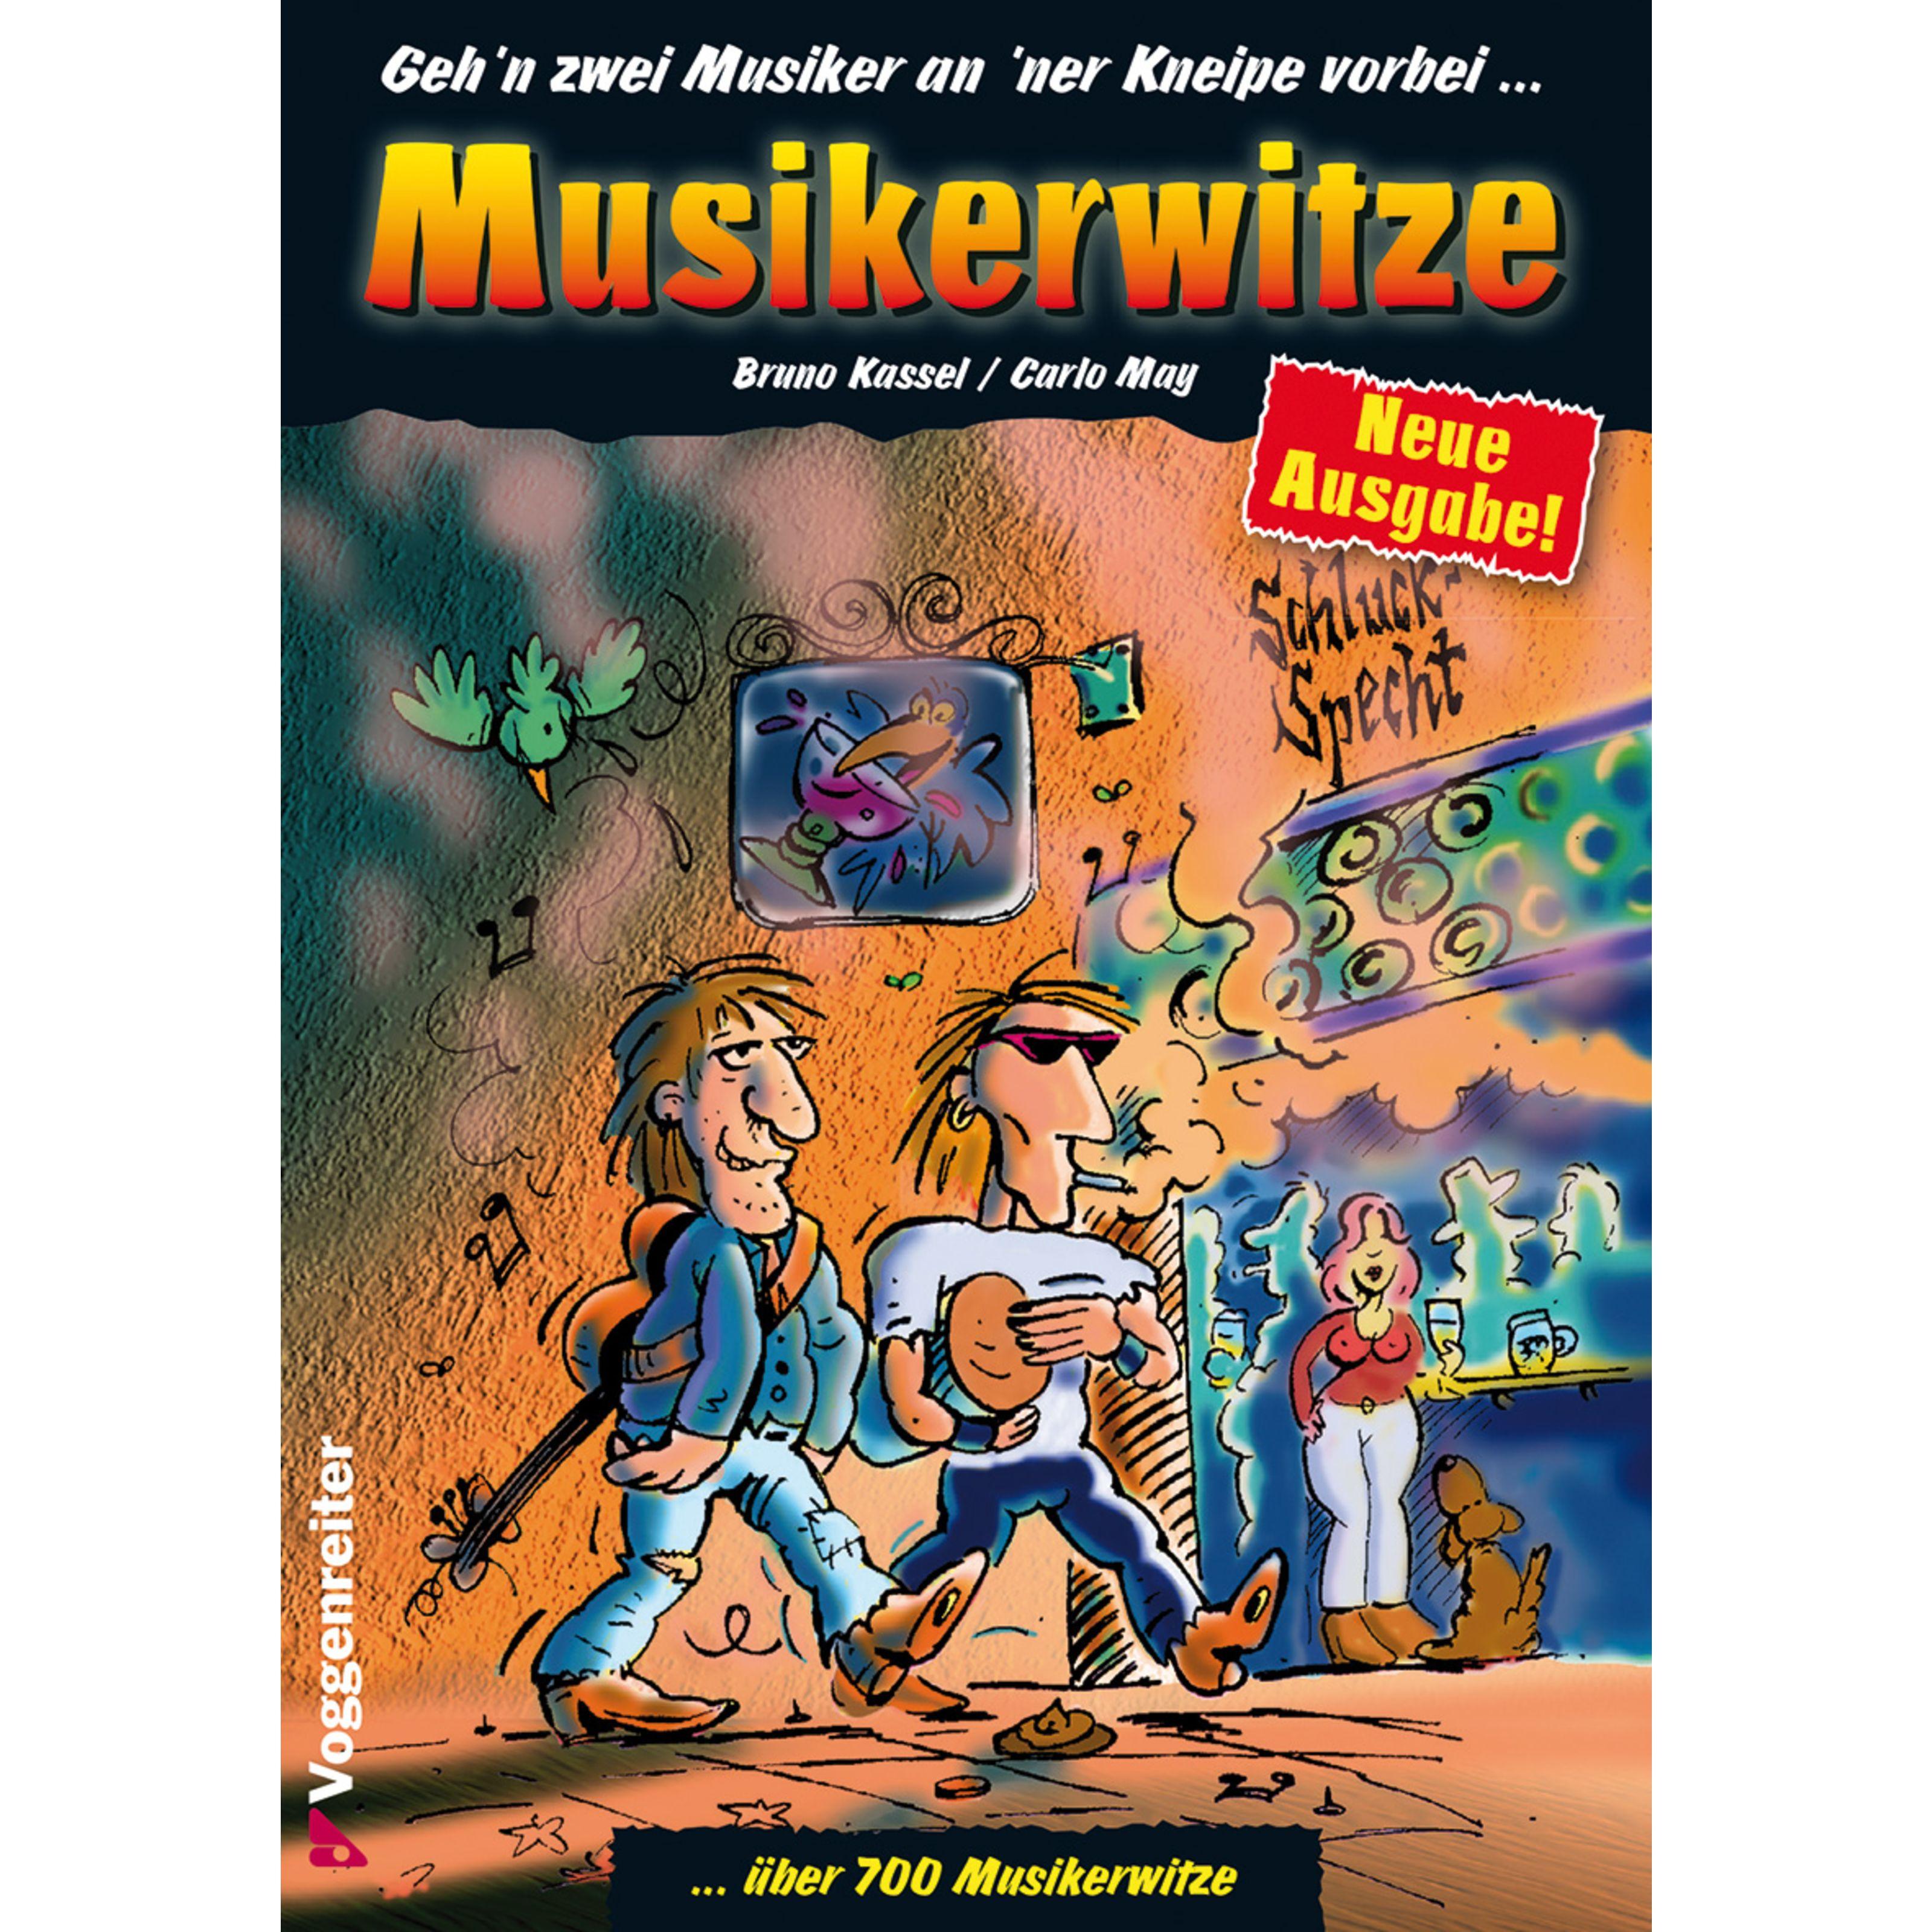 Voggenreiter - Musikerwitze Kassel / May, Geschenkartikel 0359-0